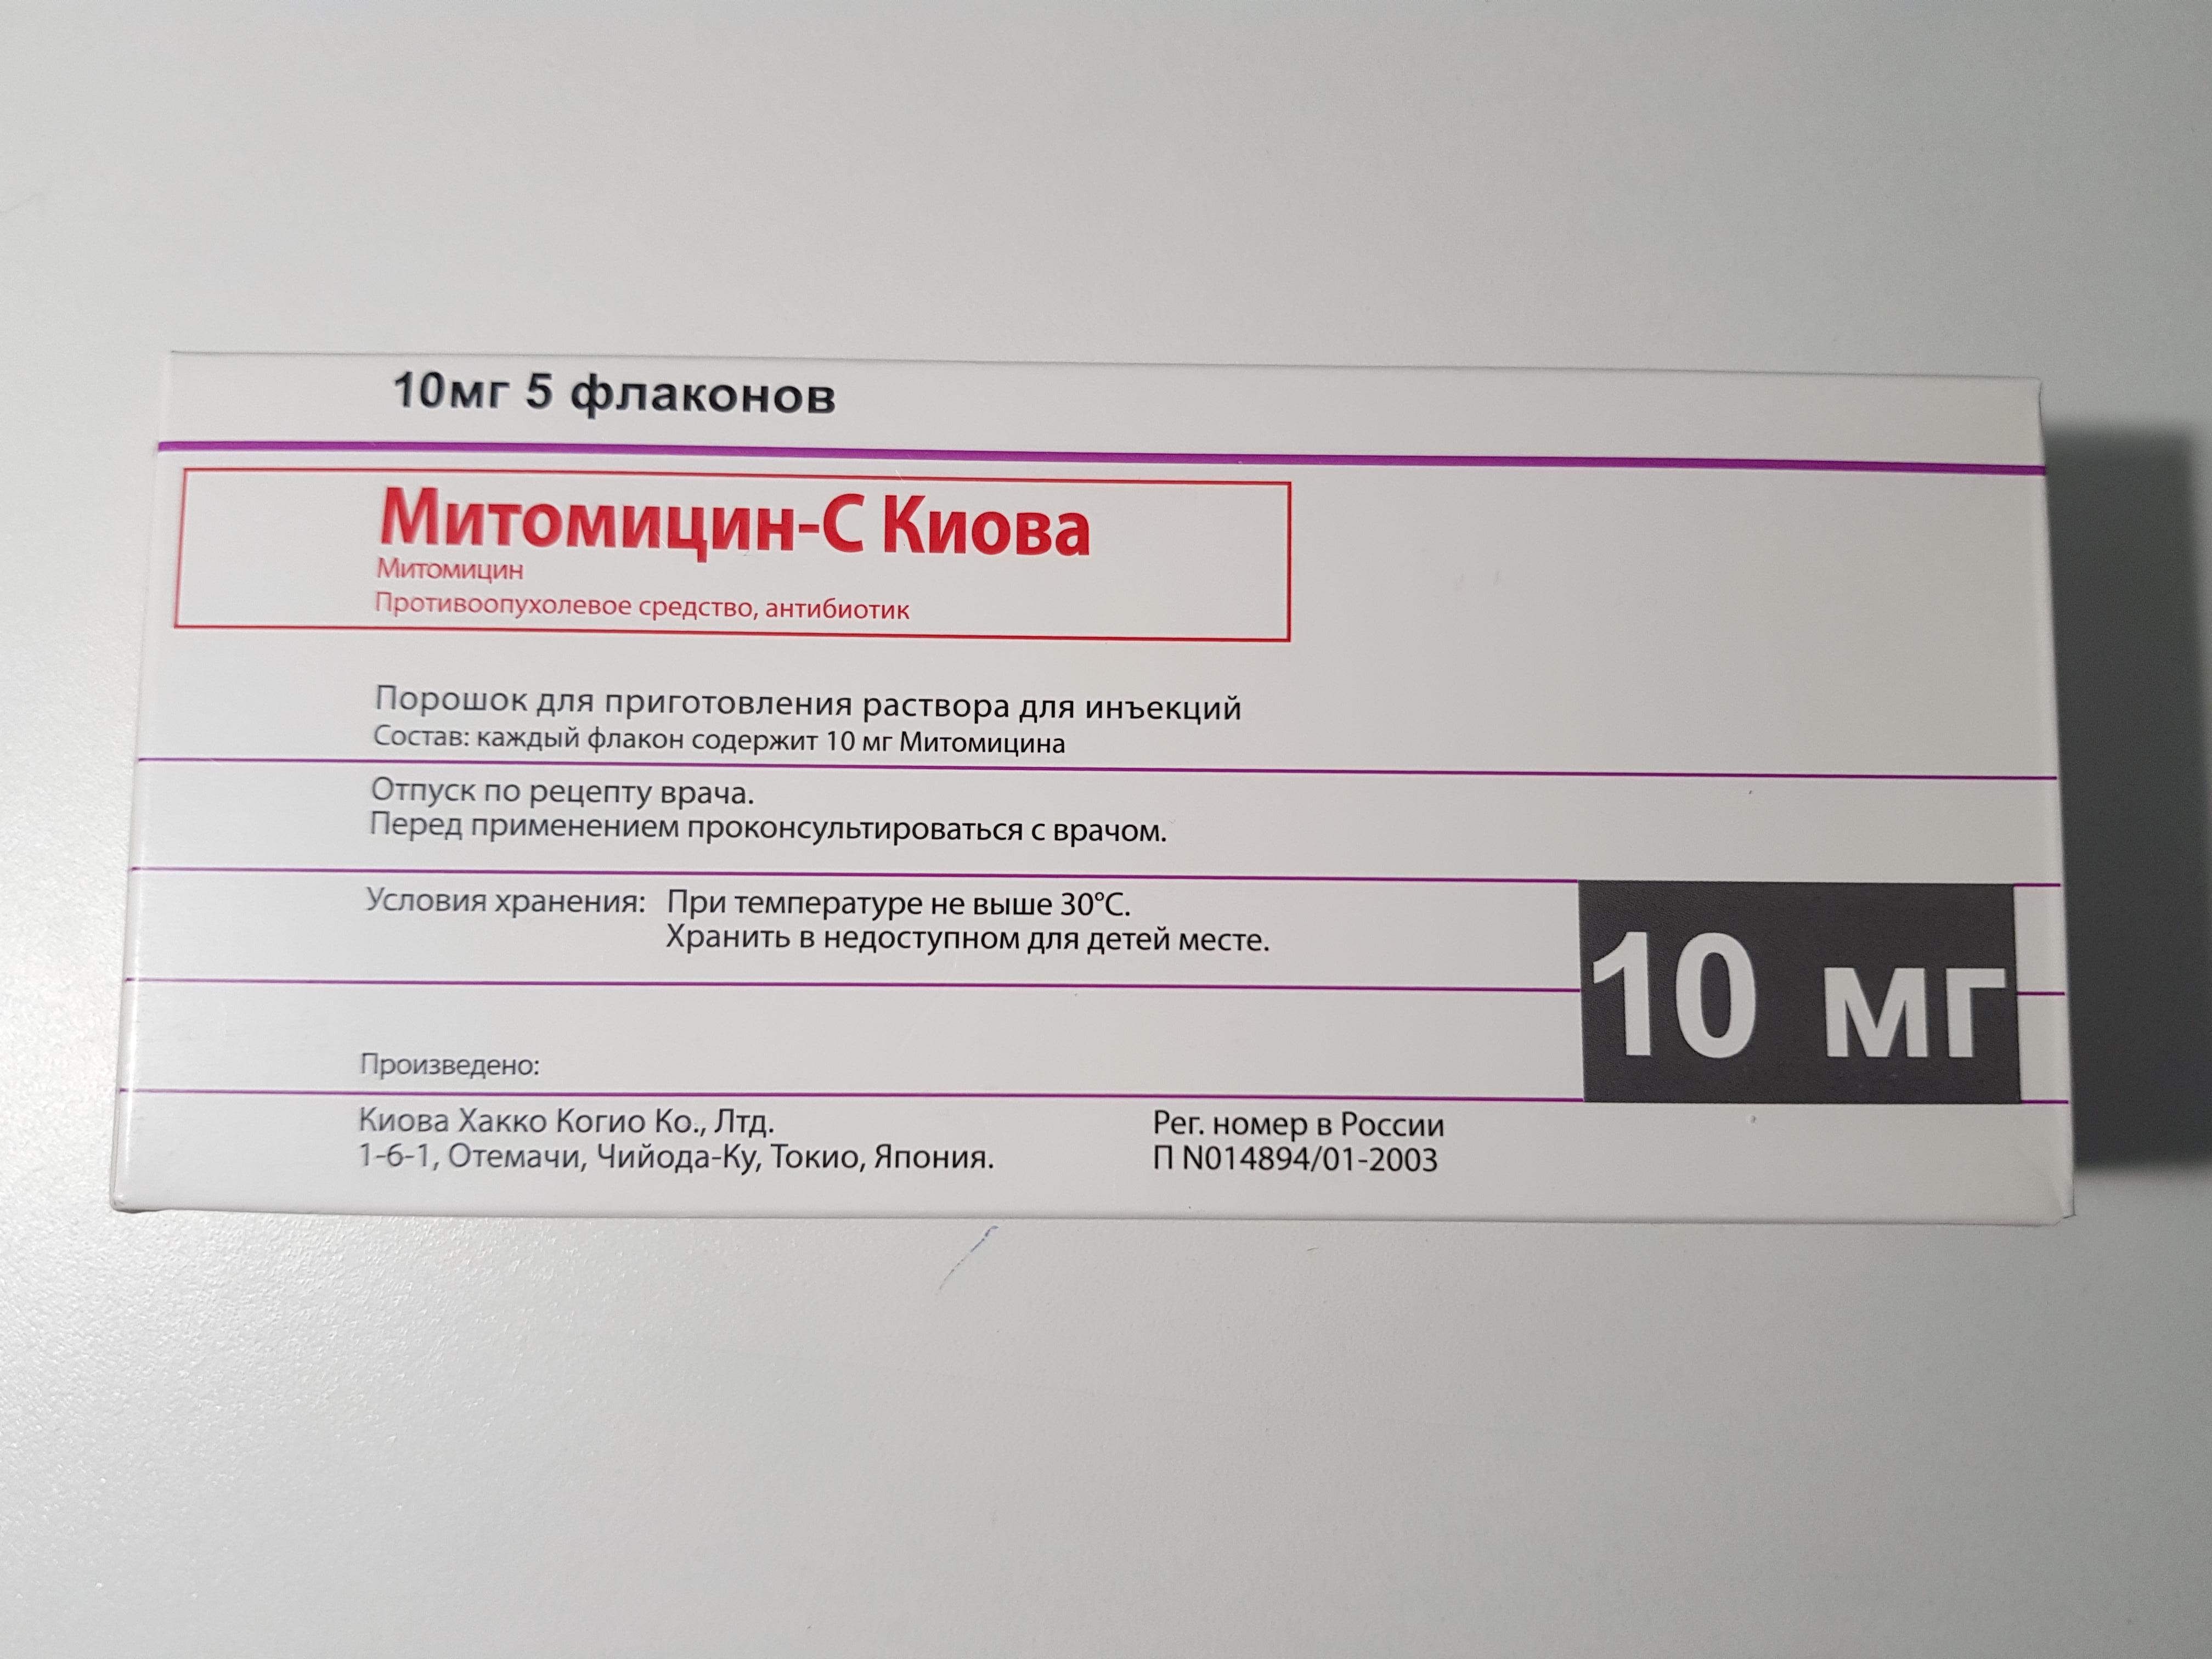 Митомицин-с киова